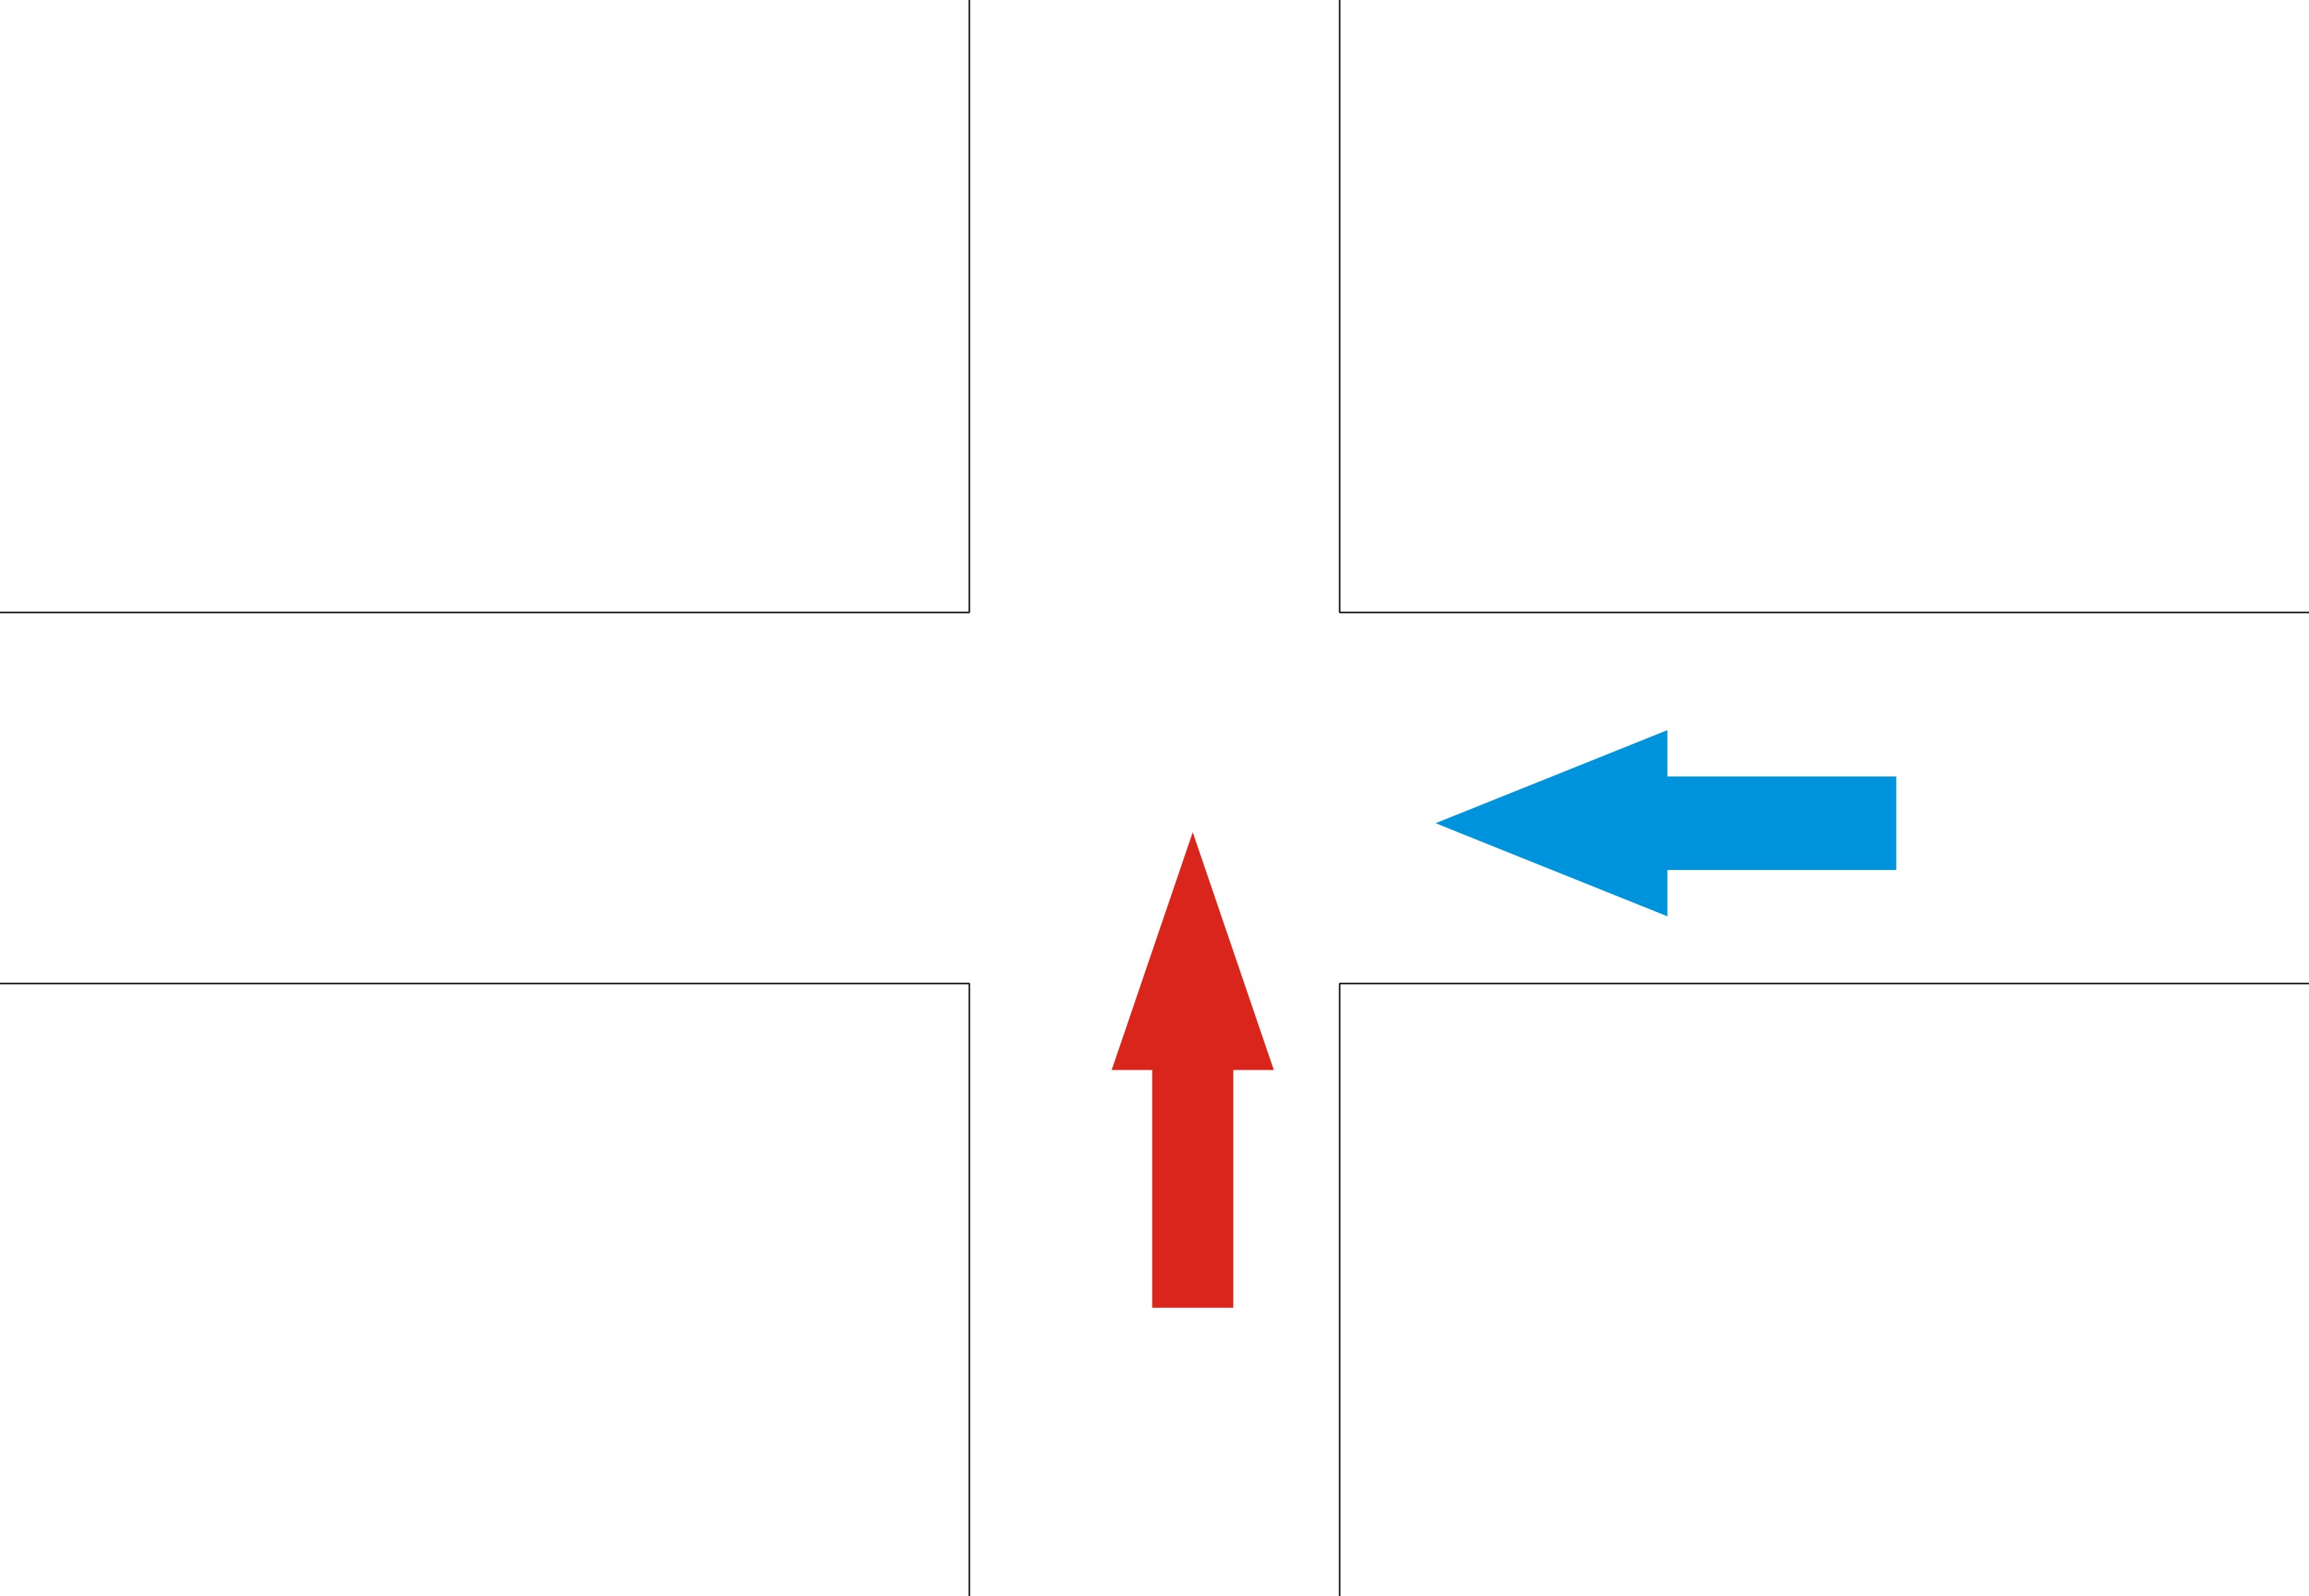 过的是一个没有红绿灯的十字路口,我已经减速通过,但对方开得很快